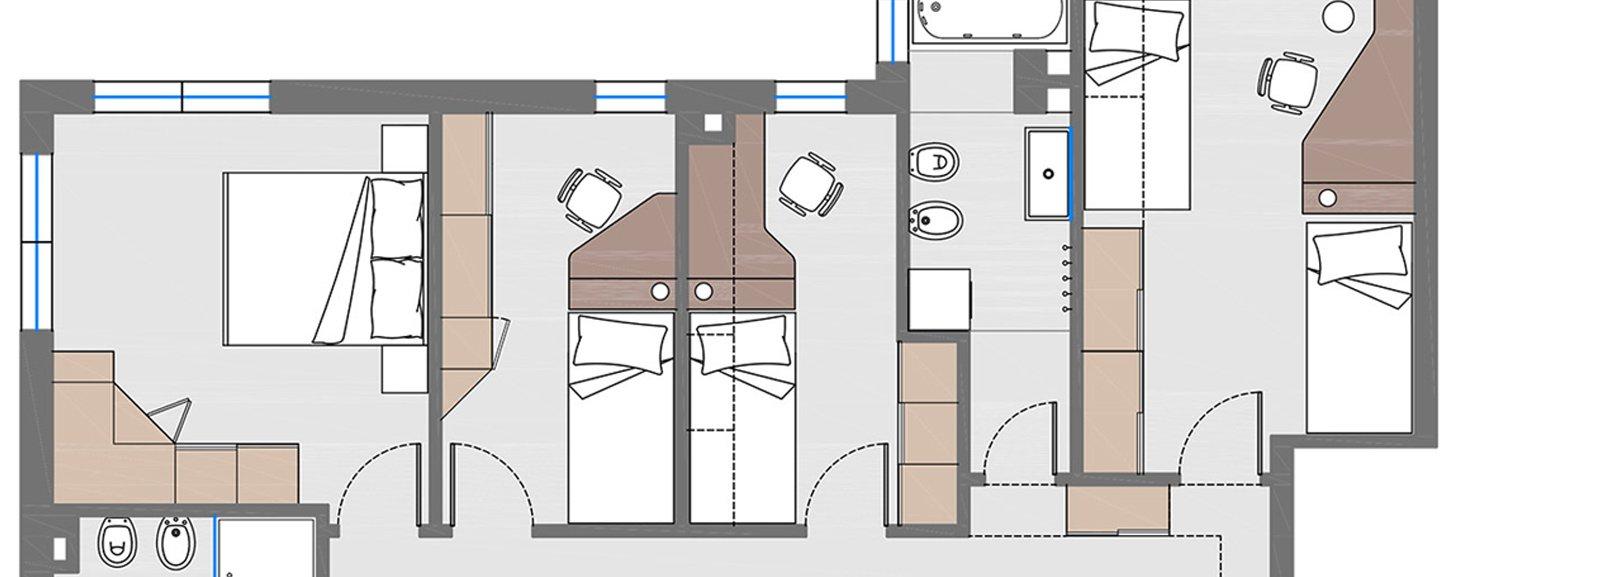 Ricavare una camera in pi da 3 a 4 Il progetto con le